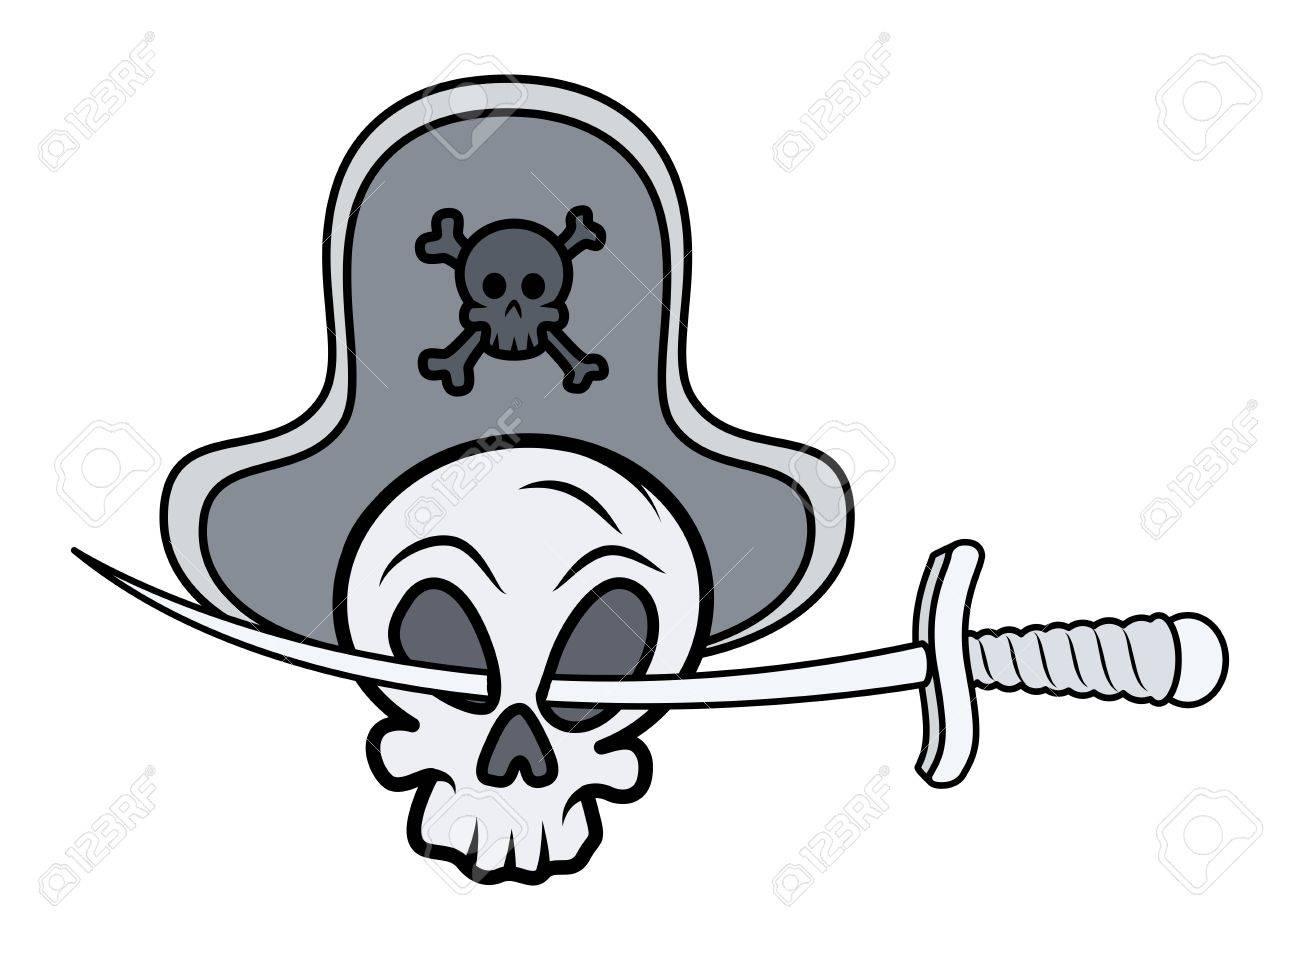 Jolly Roger - Vector Cartoon Illustration Stock Vector - 21505297